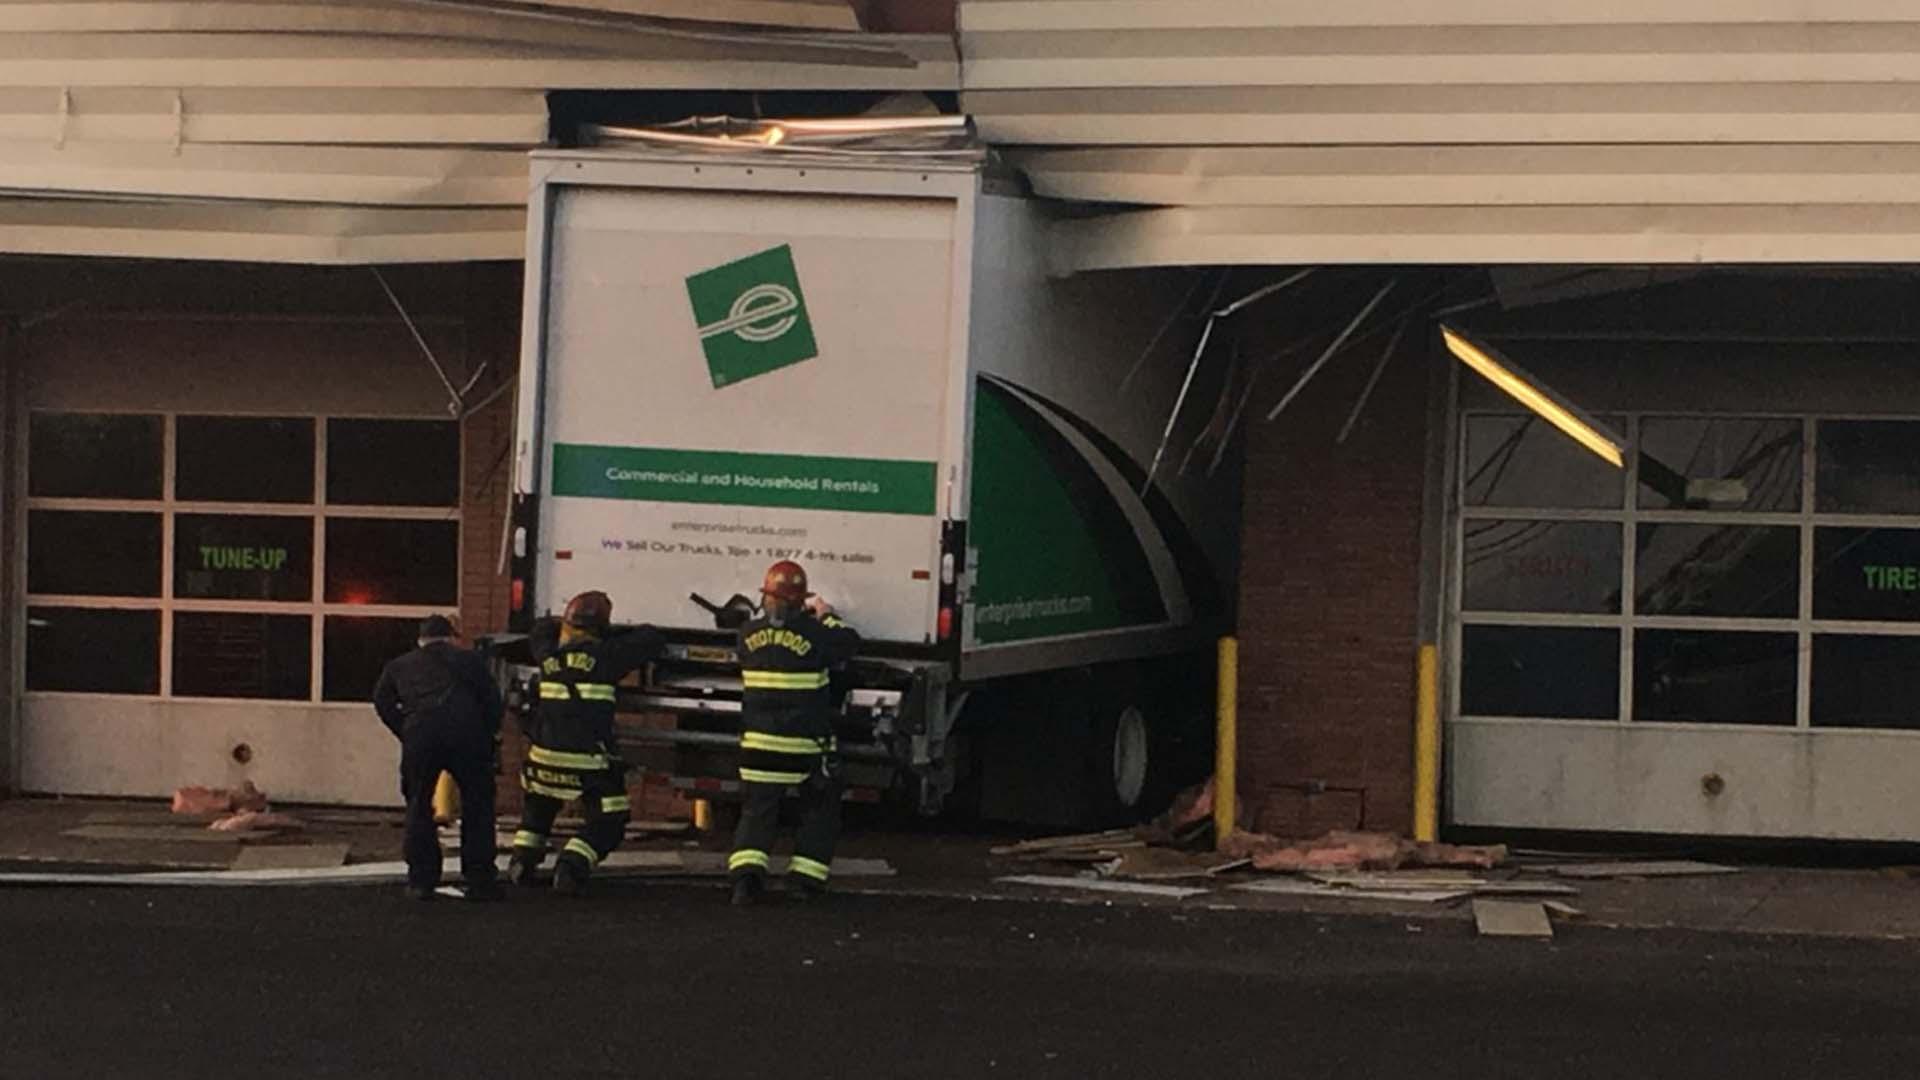 Box Truck into Tire Store